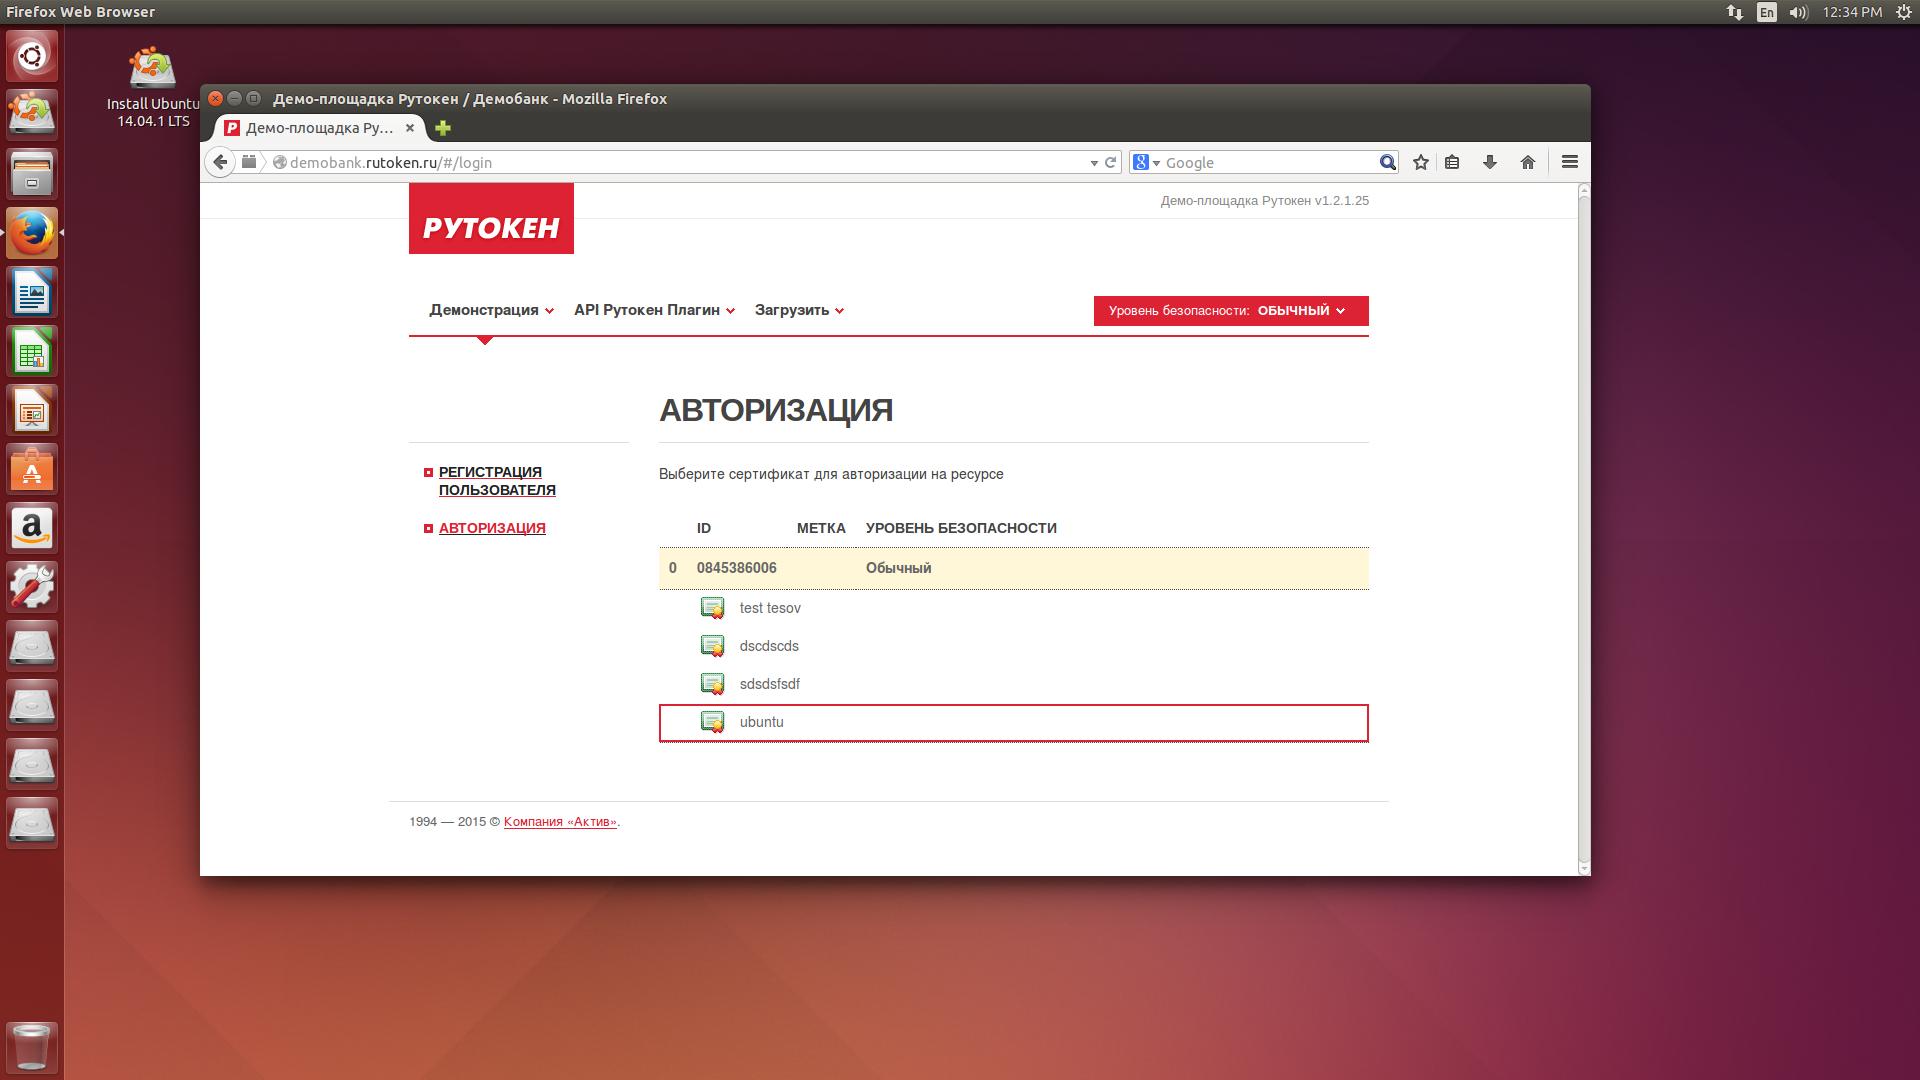 Электронная подпись в доверенной среде на базe загрузочной Ubuntu 14.04 LTS и Рутокен ЭЦП Flash - 7